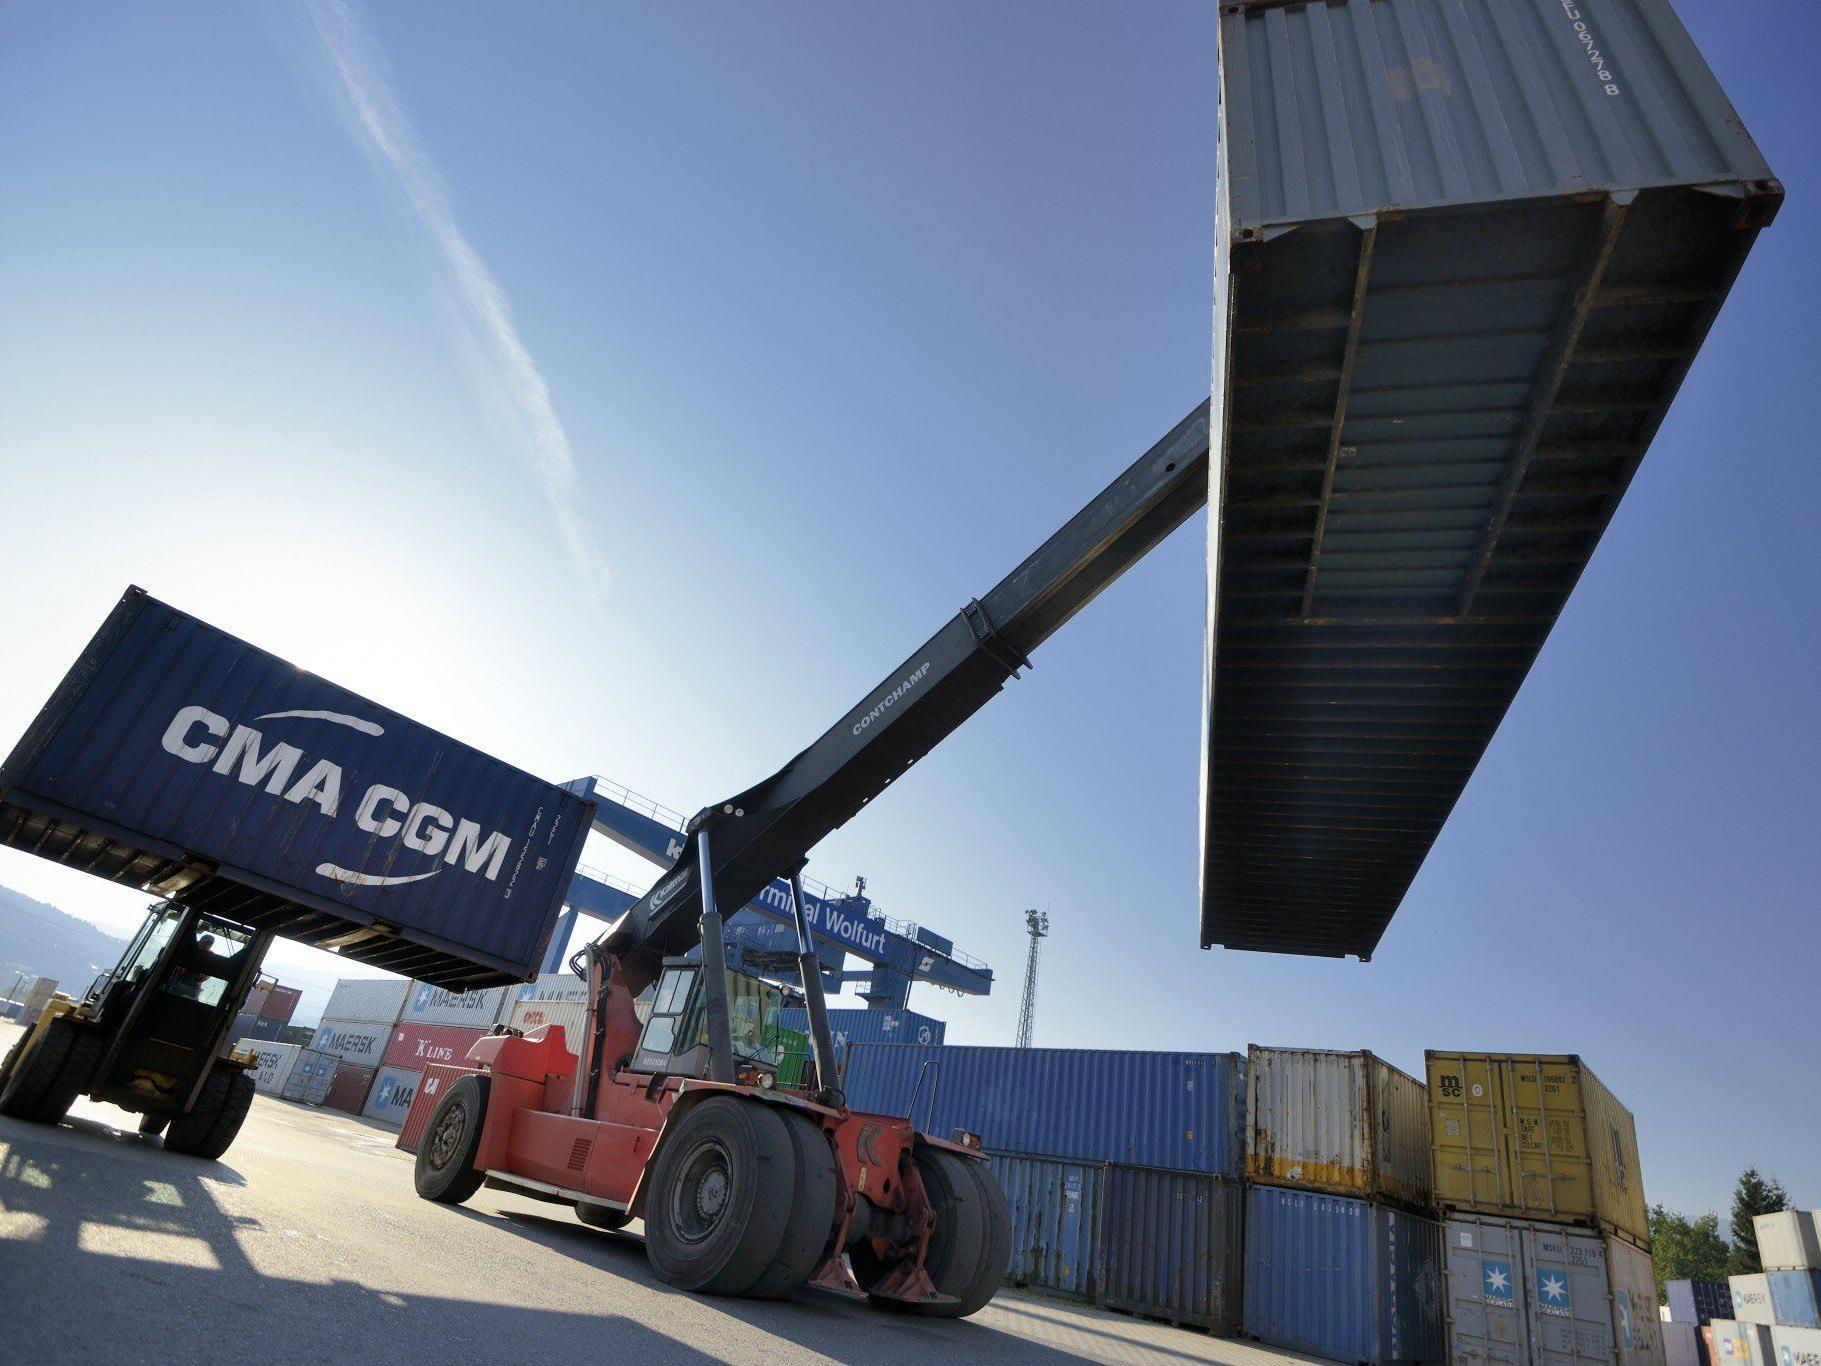 Zweithöchster Pro-Kopf-Exportwert im Ländervergleich – heimische Exportwirtschaft zielt verstärkt auf Fernmärkte